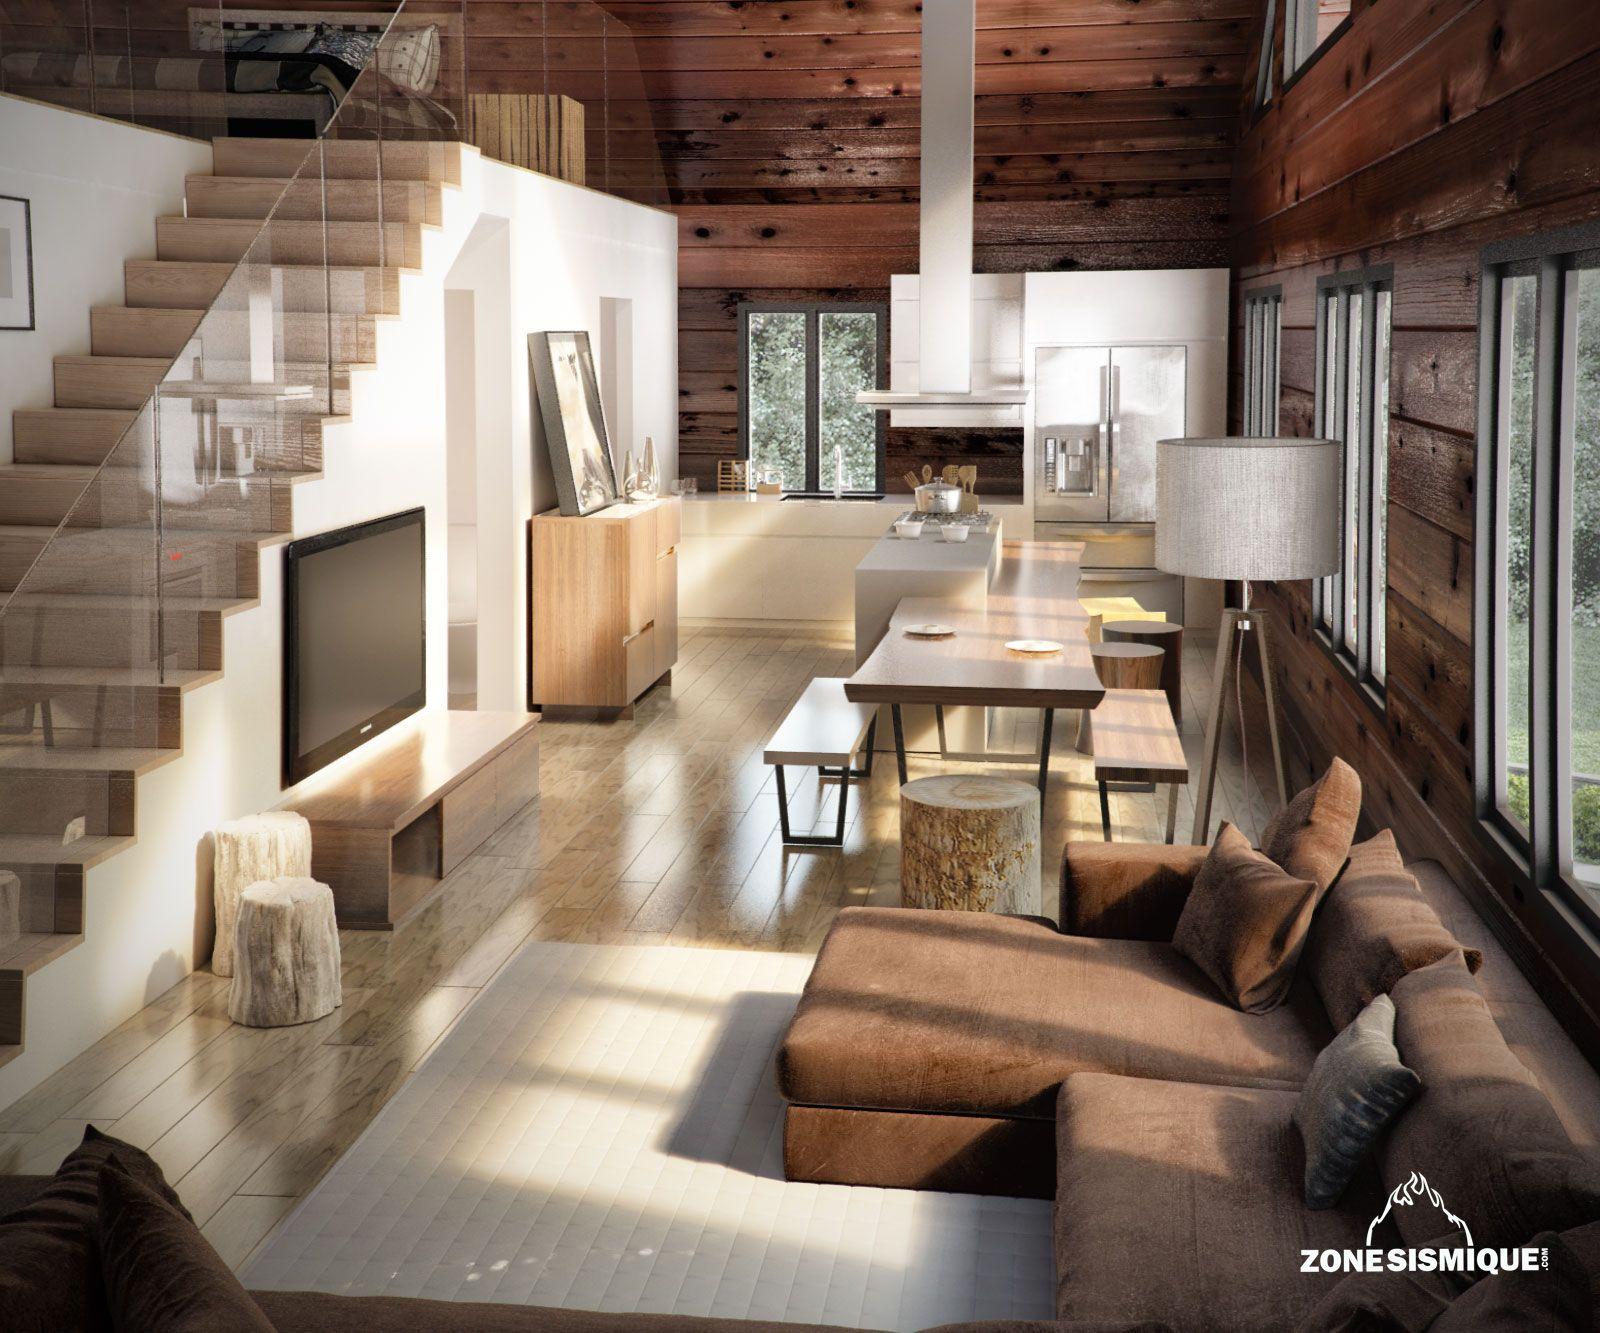 zone sismique bois hamel chalet interieur salon cuisine v1